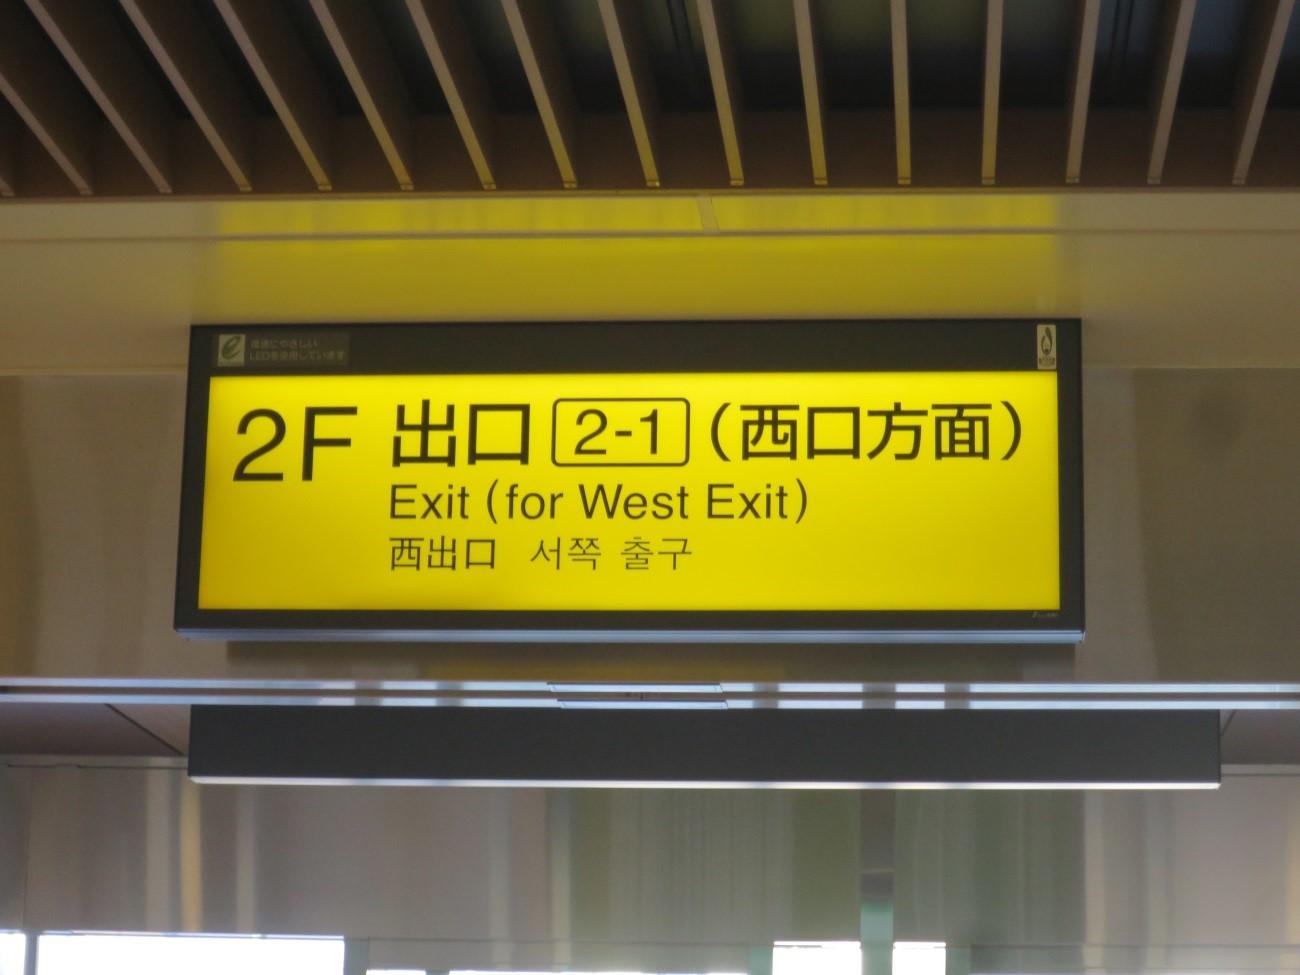 仙台駅西口2-1出口を出てください。